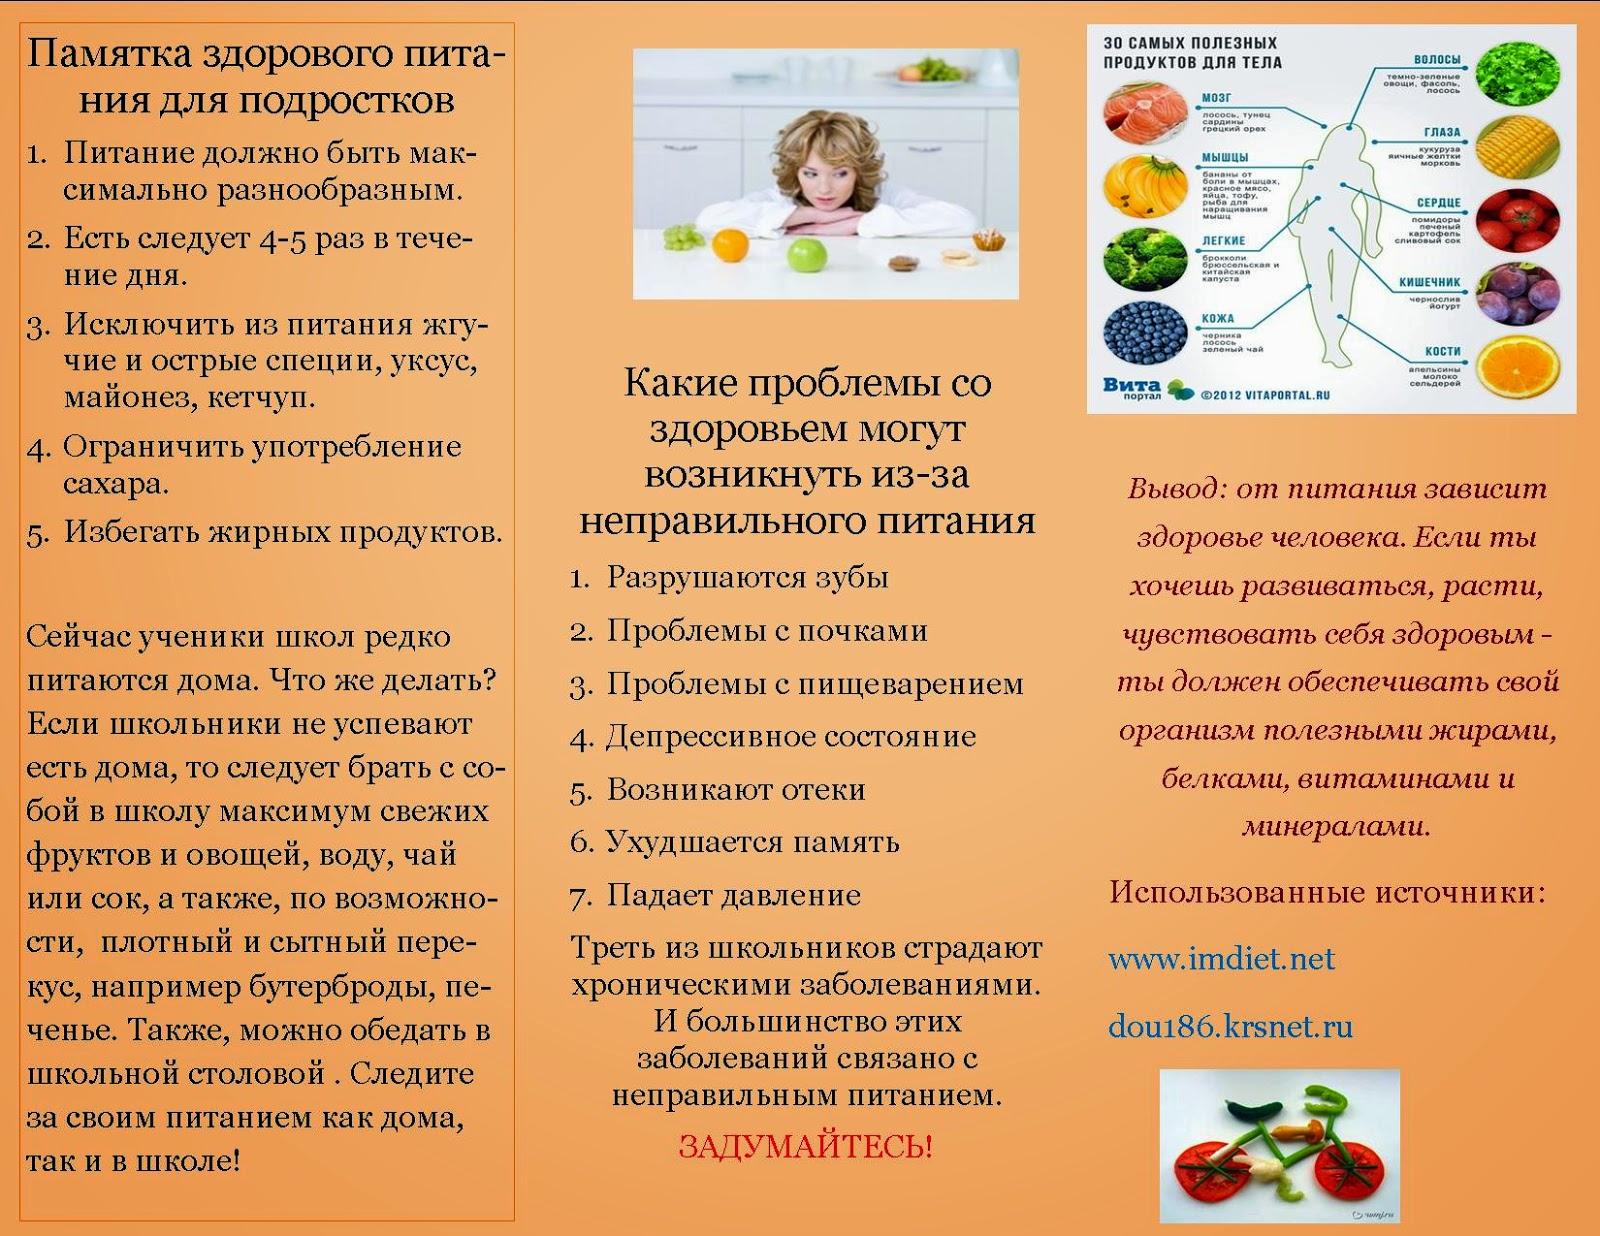 школа диетологов центр дистанционного образования